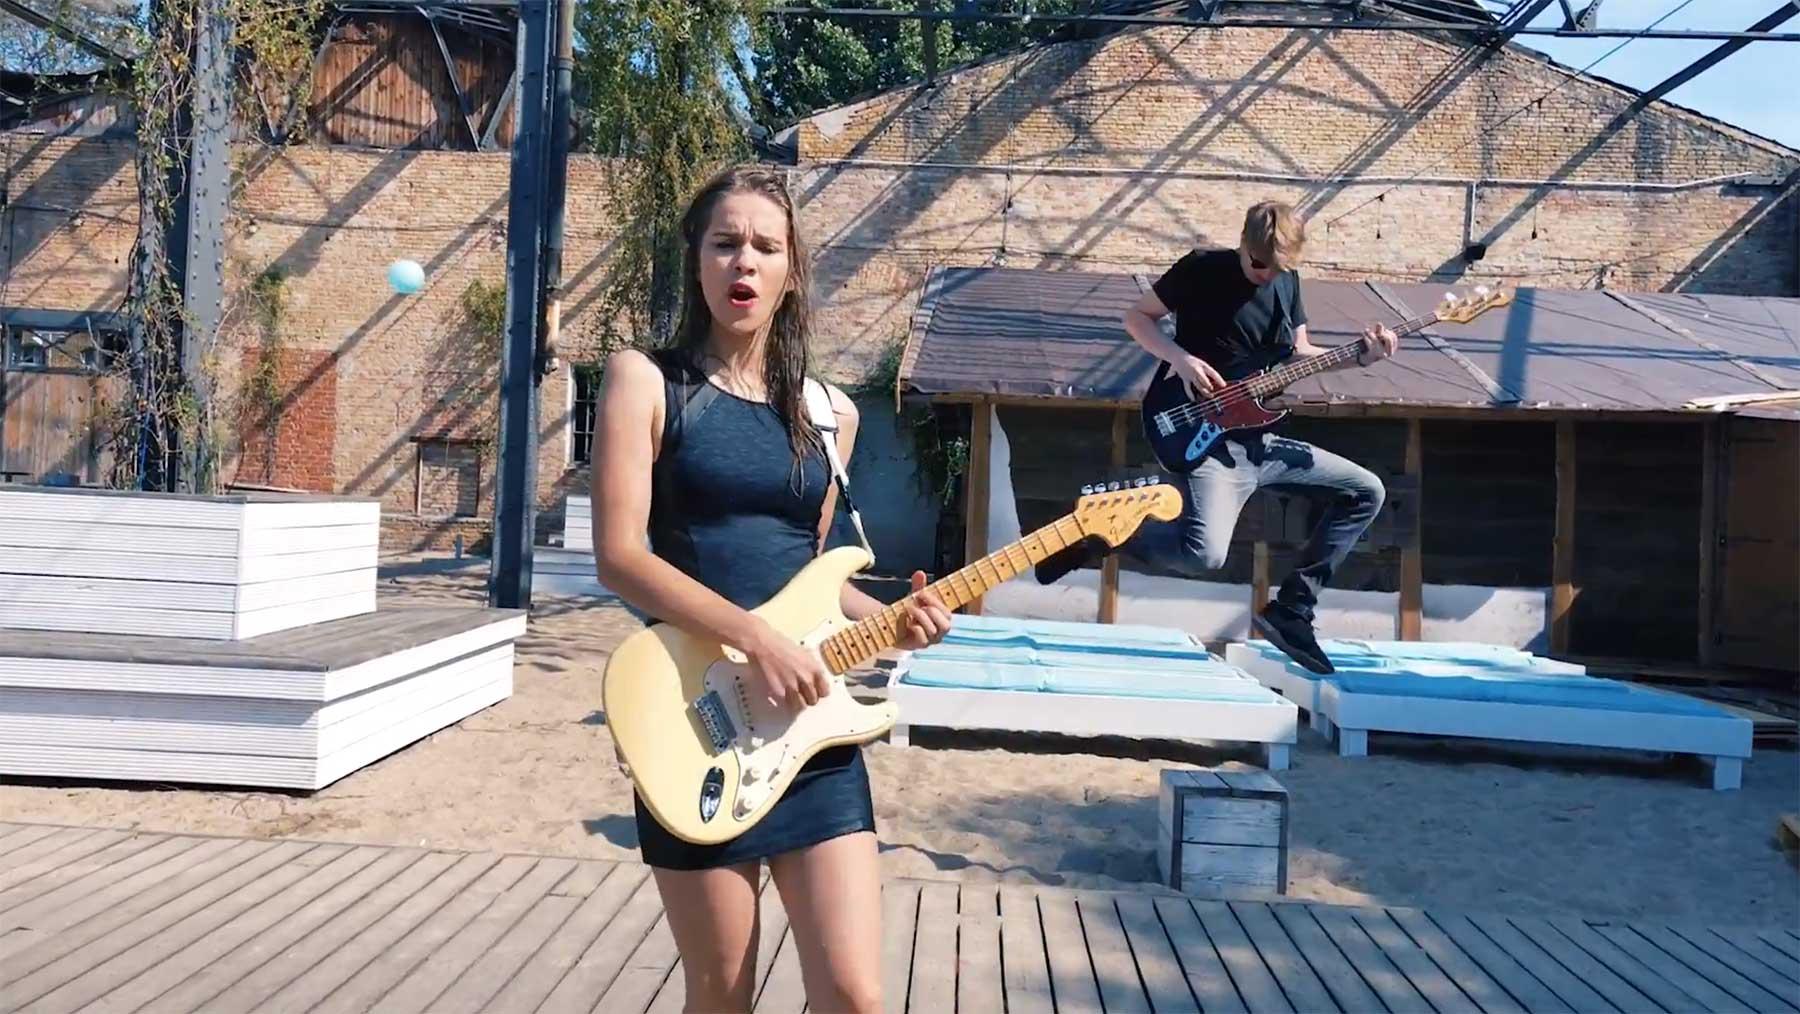 Musikvideo in einem Rückwärts-Take